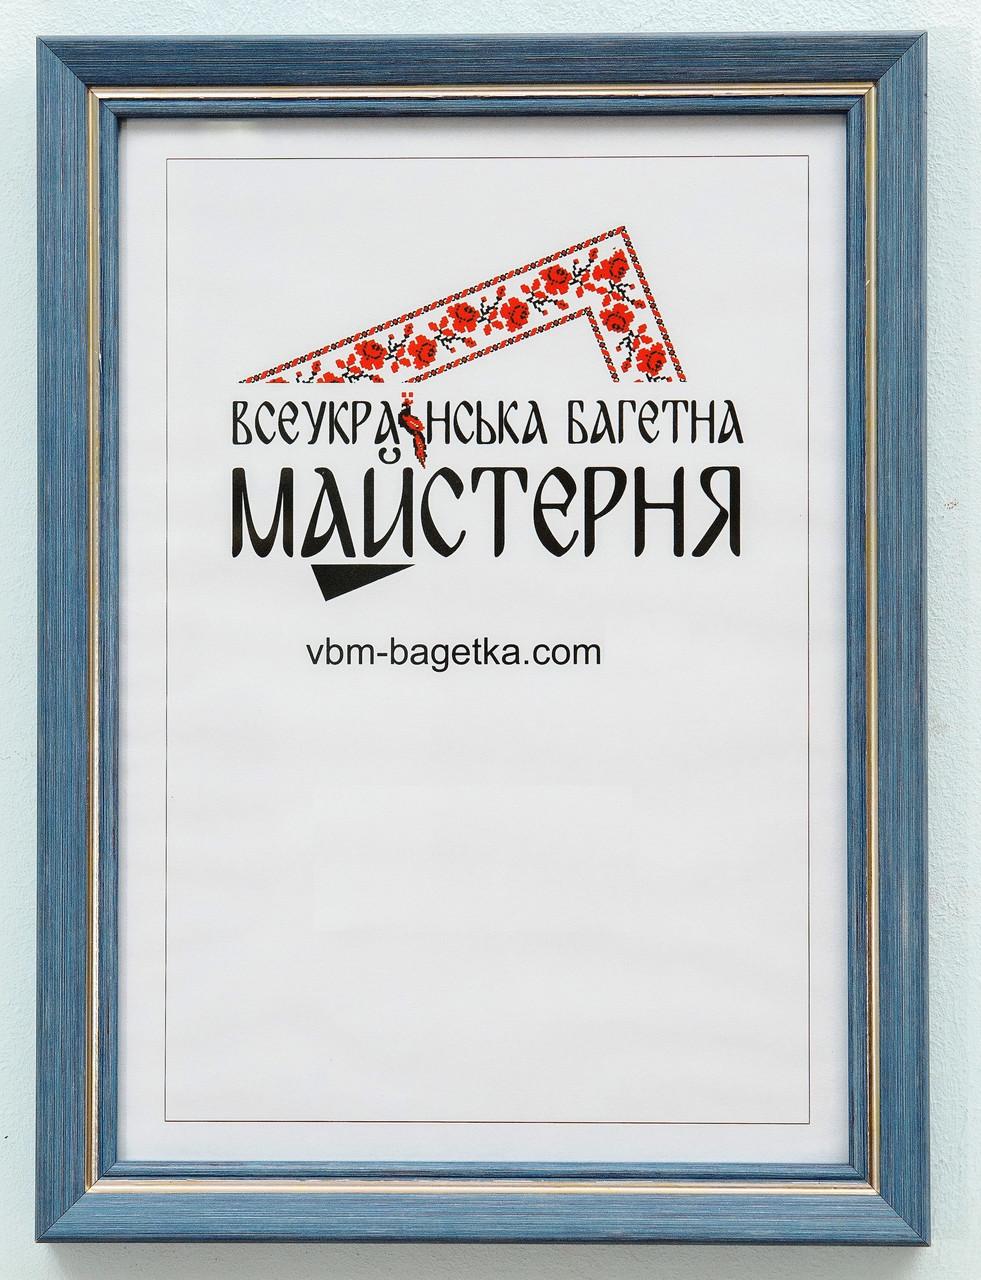 Рамка А3, 30х40 Голубая - Всеукраинская Багетная Мастерская в Киеве